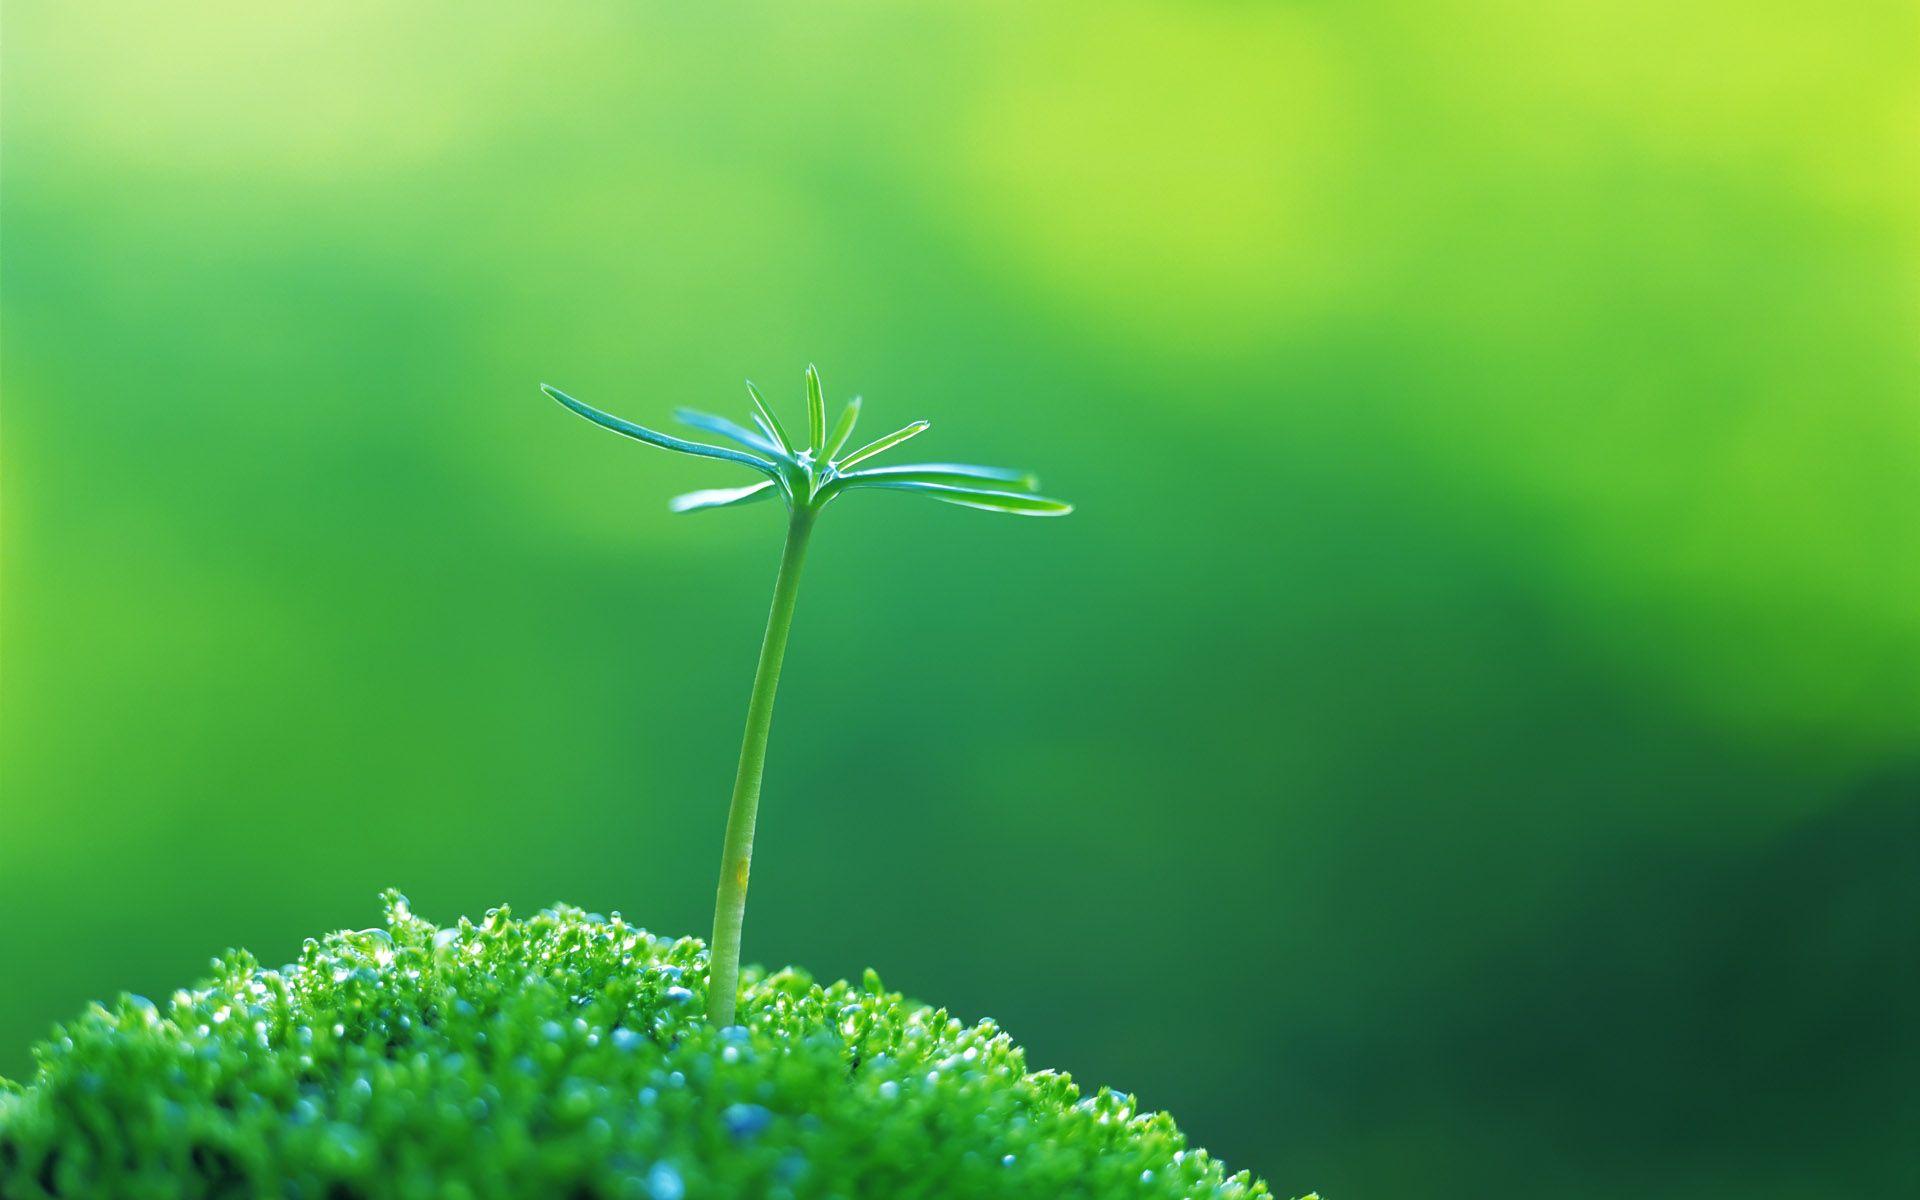 Green Close Up Nature Plants Macro Wallpaper 1920x1200 8523